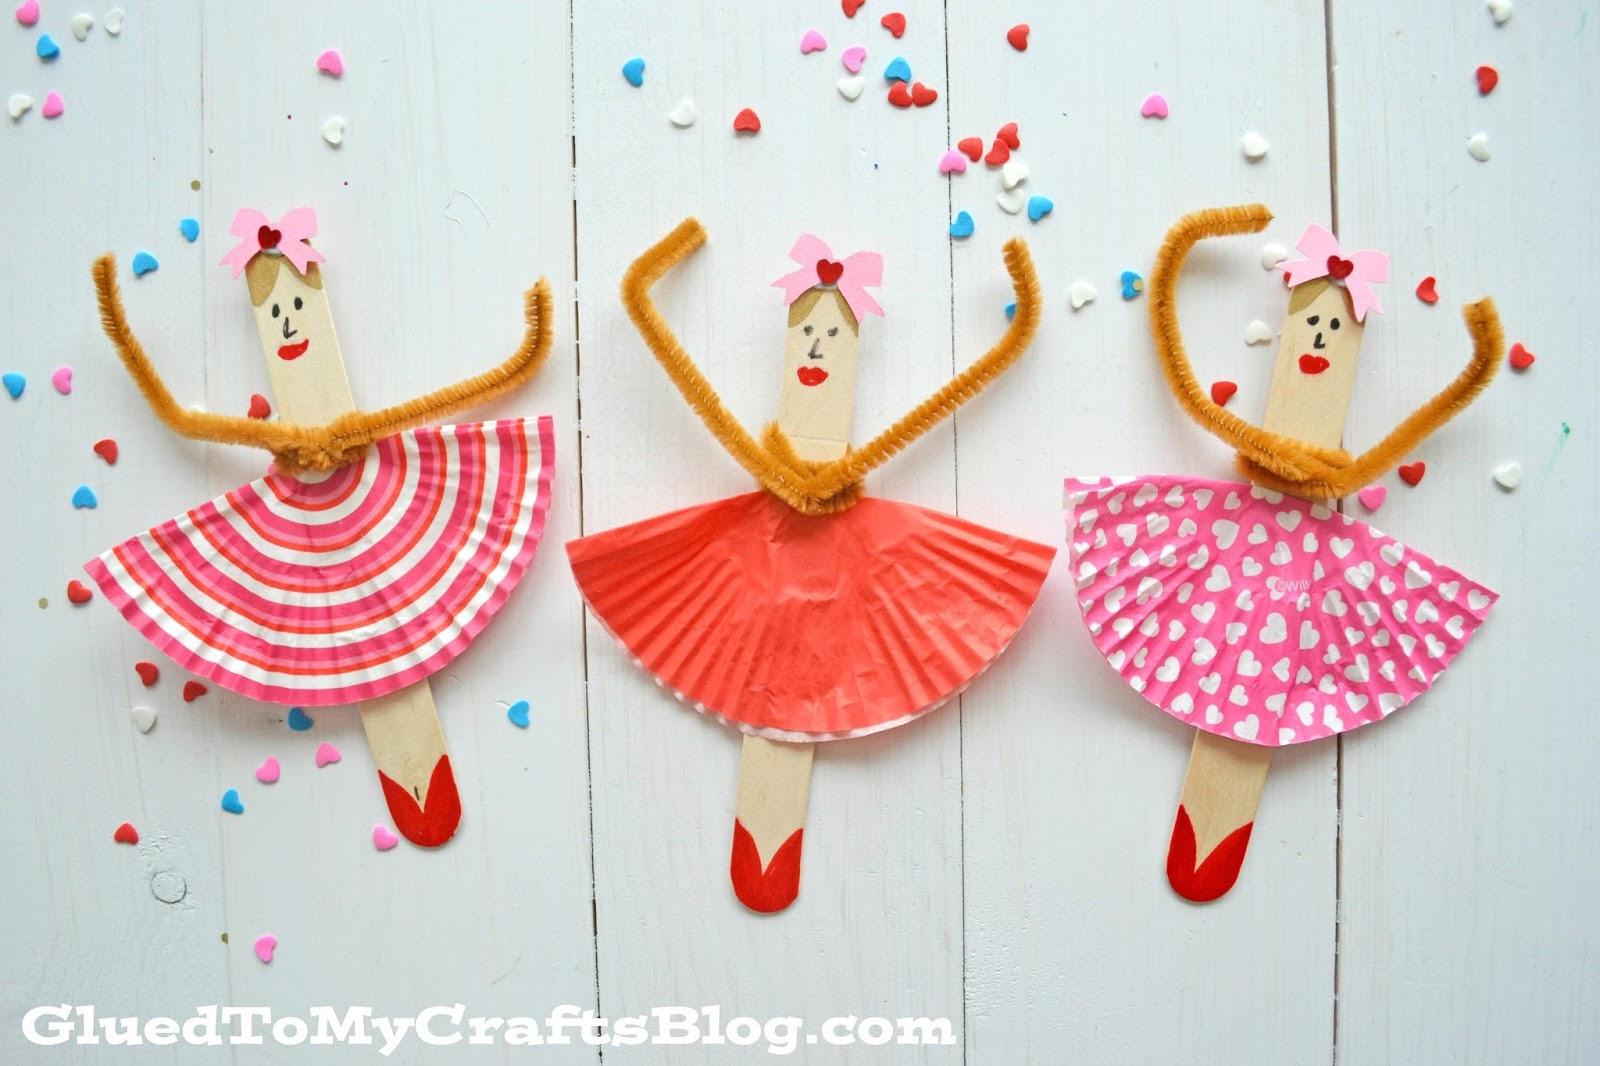 20 Cutest And Super Fun Popsicle Stick Crafts